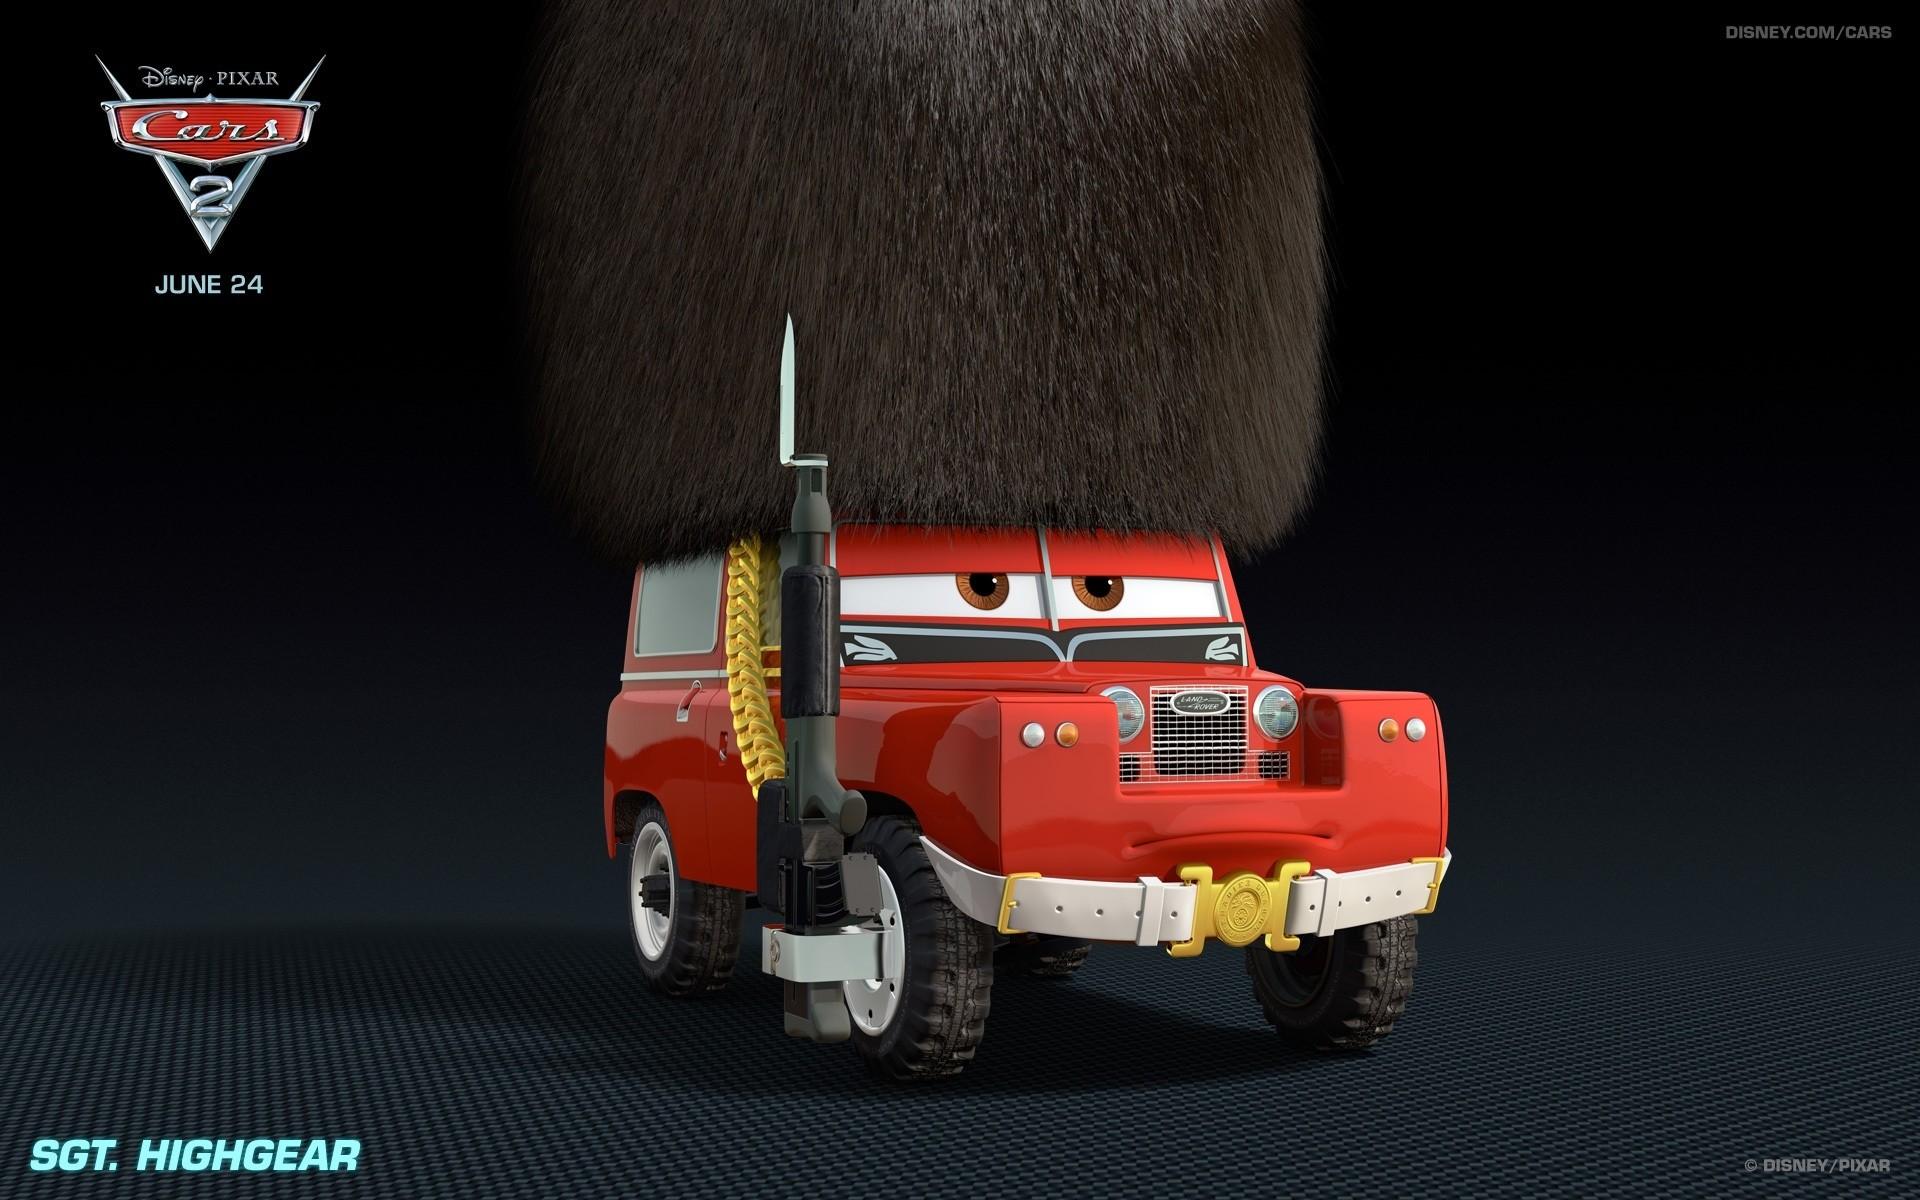 Sgt. Highgear